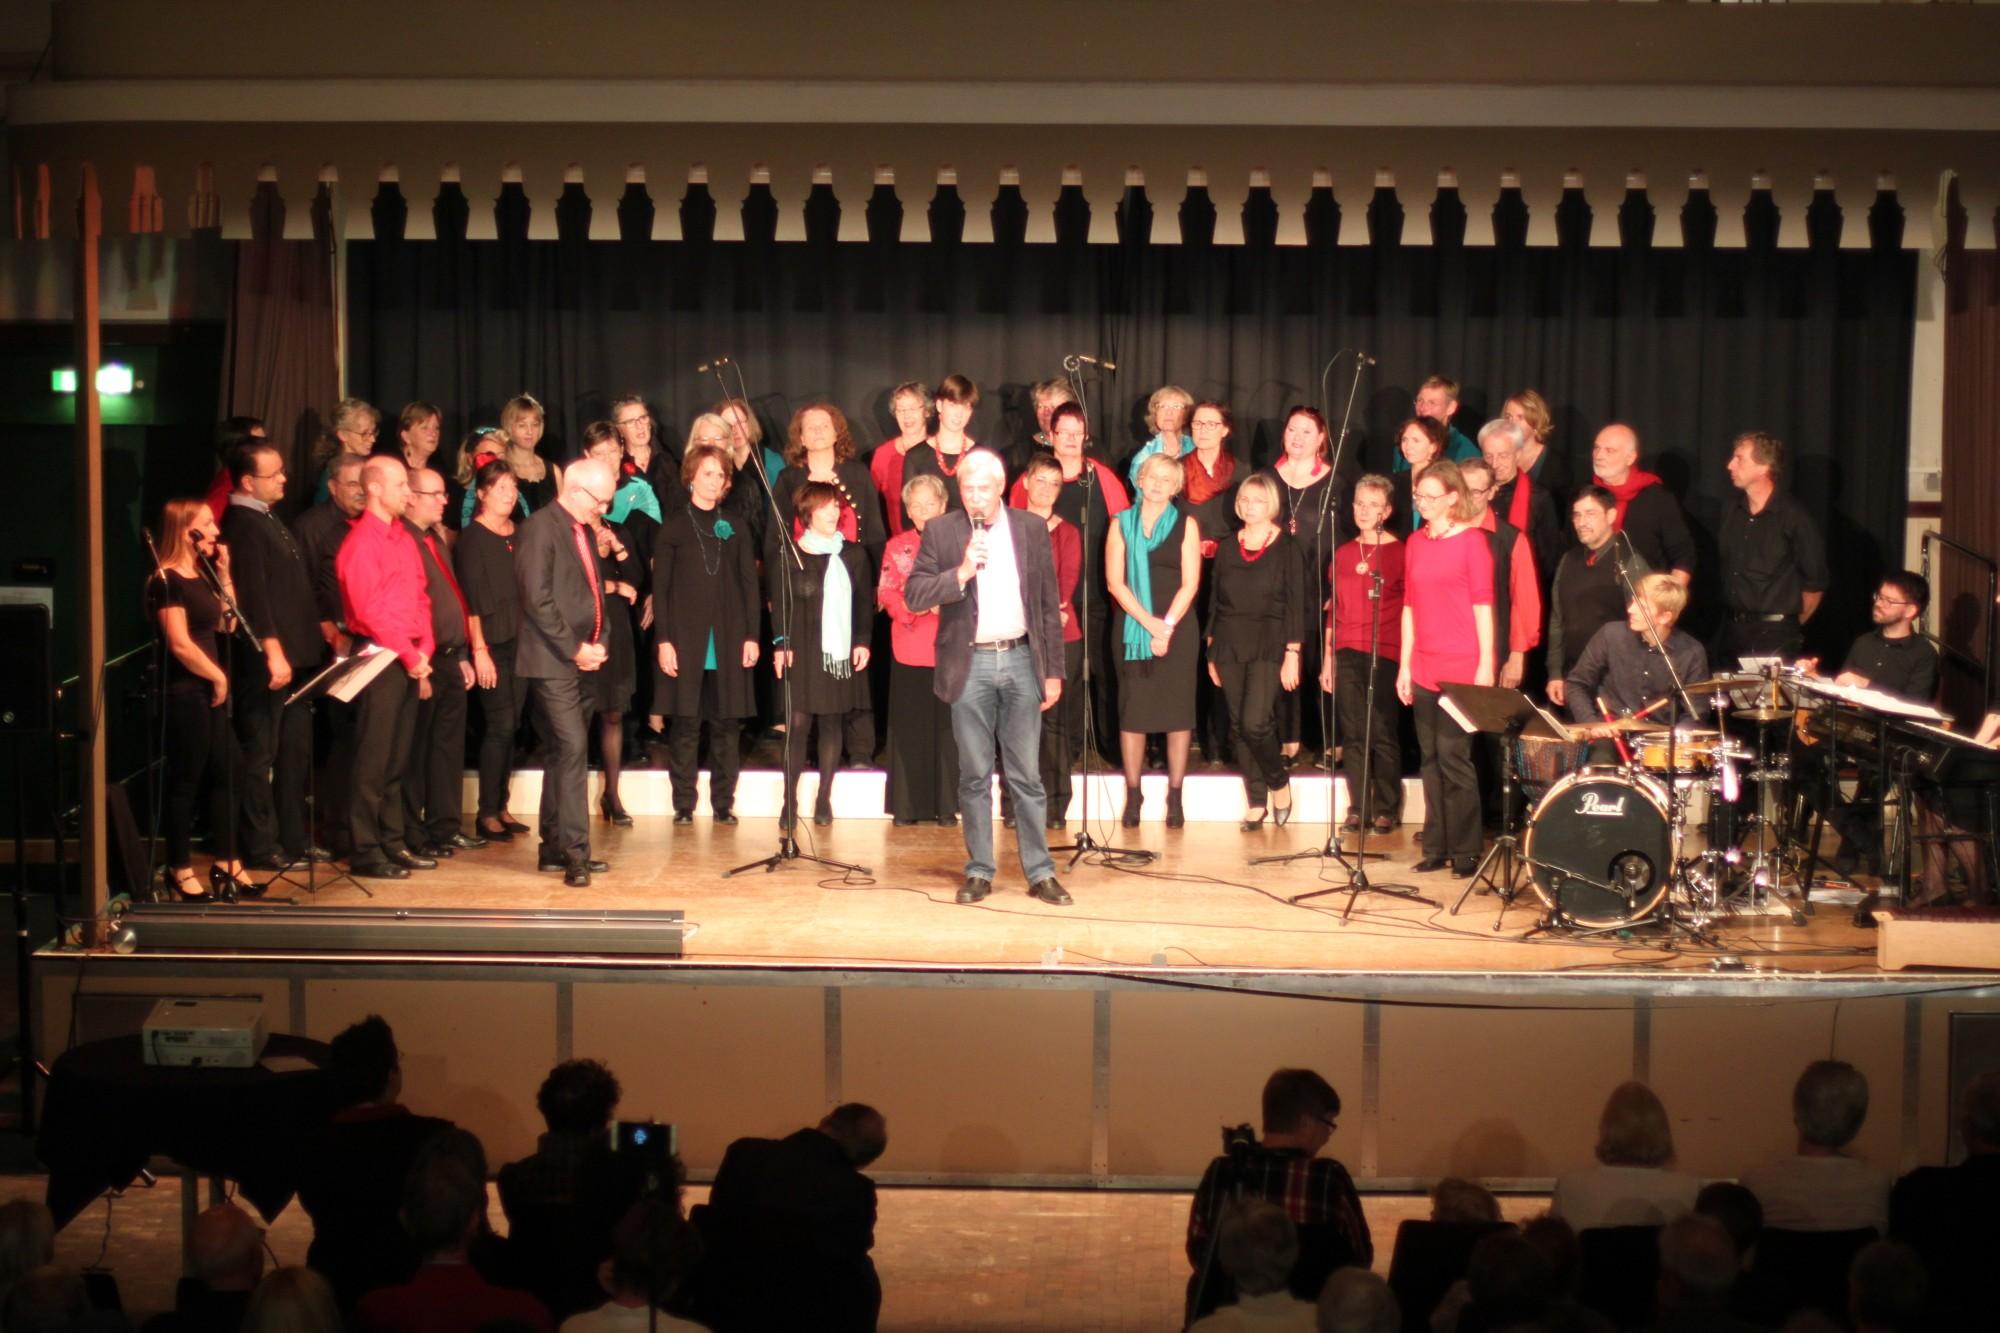 Pop-Jazz-Chor Sing'n'Swing, Stadtrat Herr Helmut Nehrbaß überbringt Glückwünsche von Oberbürgermeister Herrn Gerich und Kulturdezenent Herrn Imholz